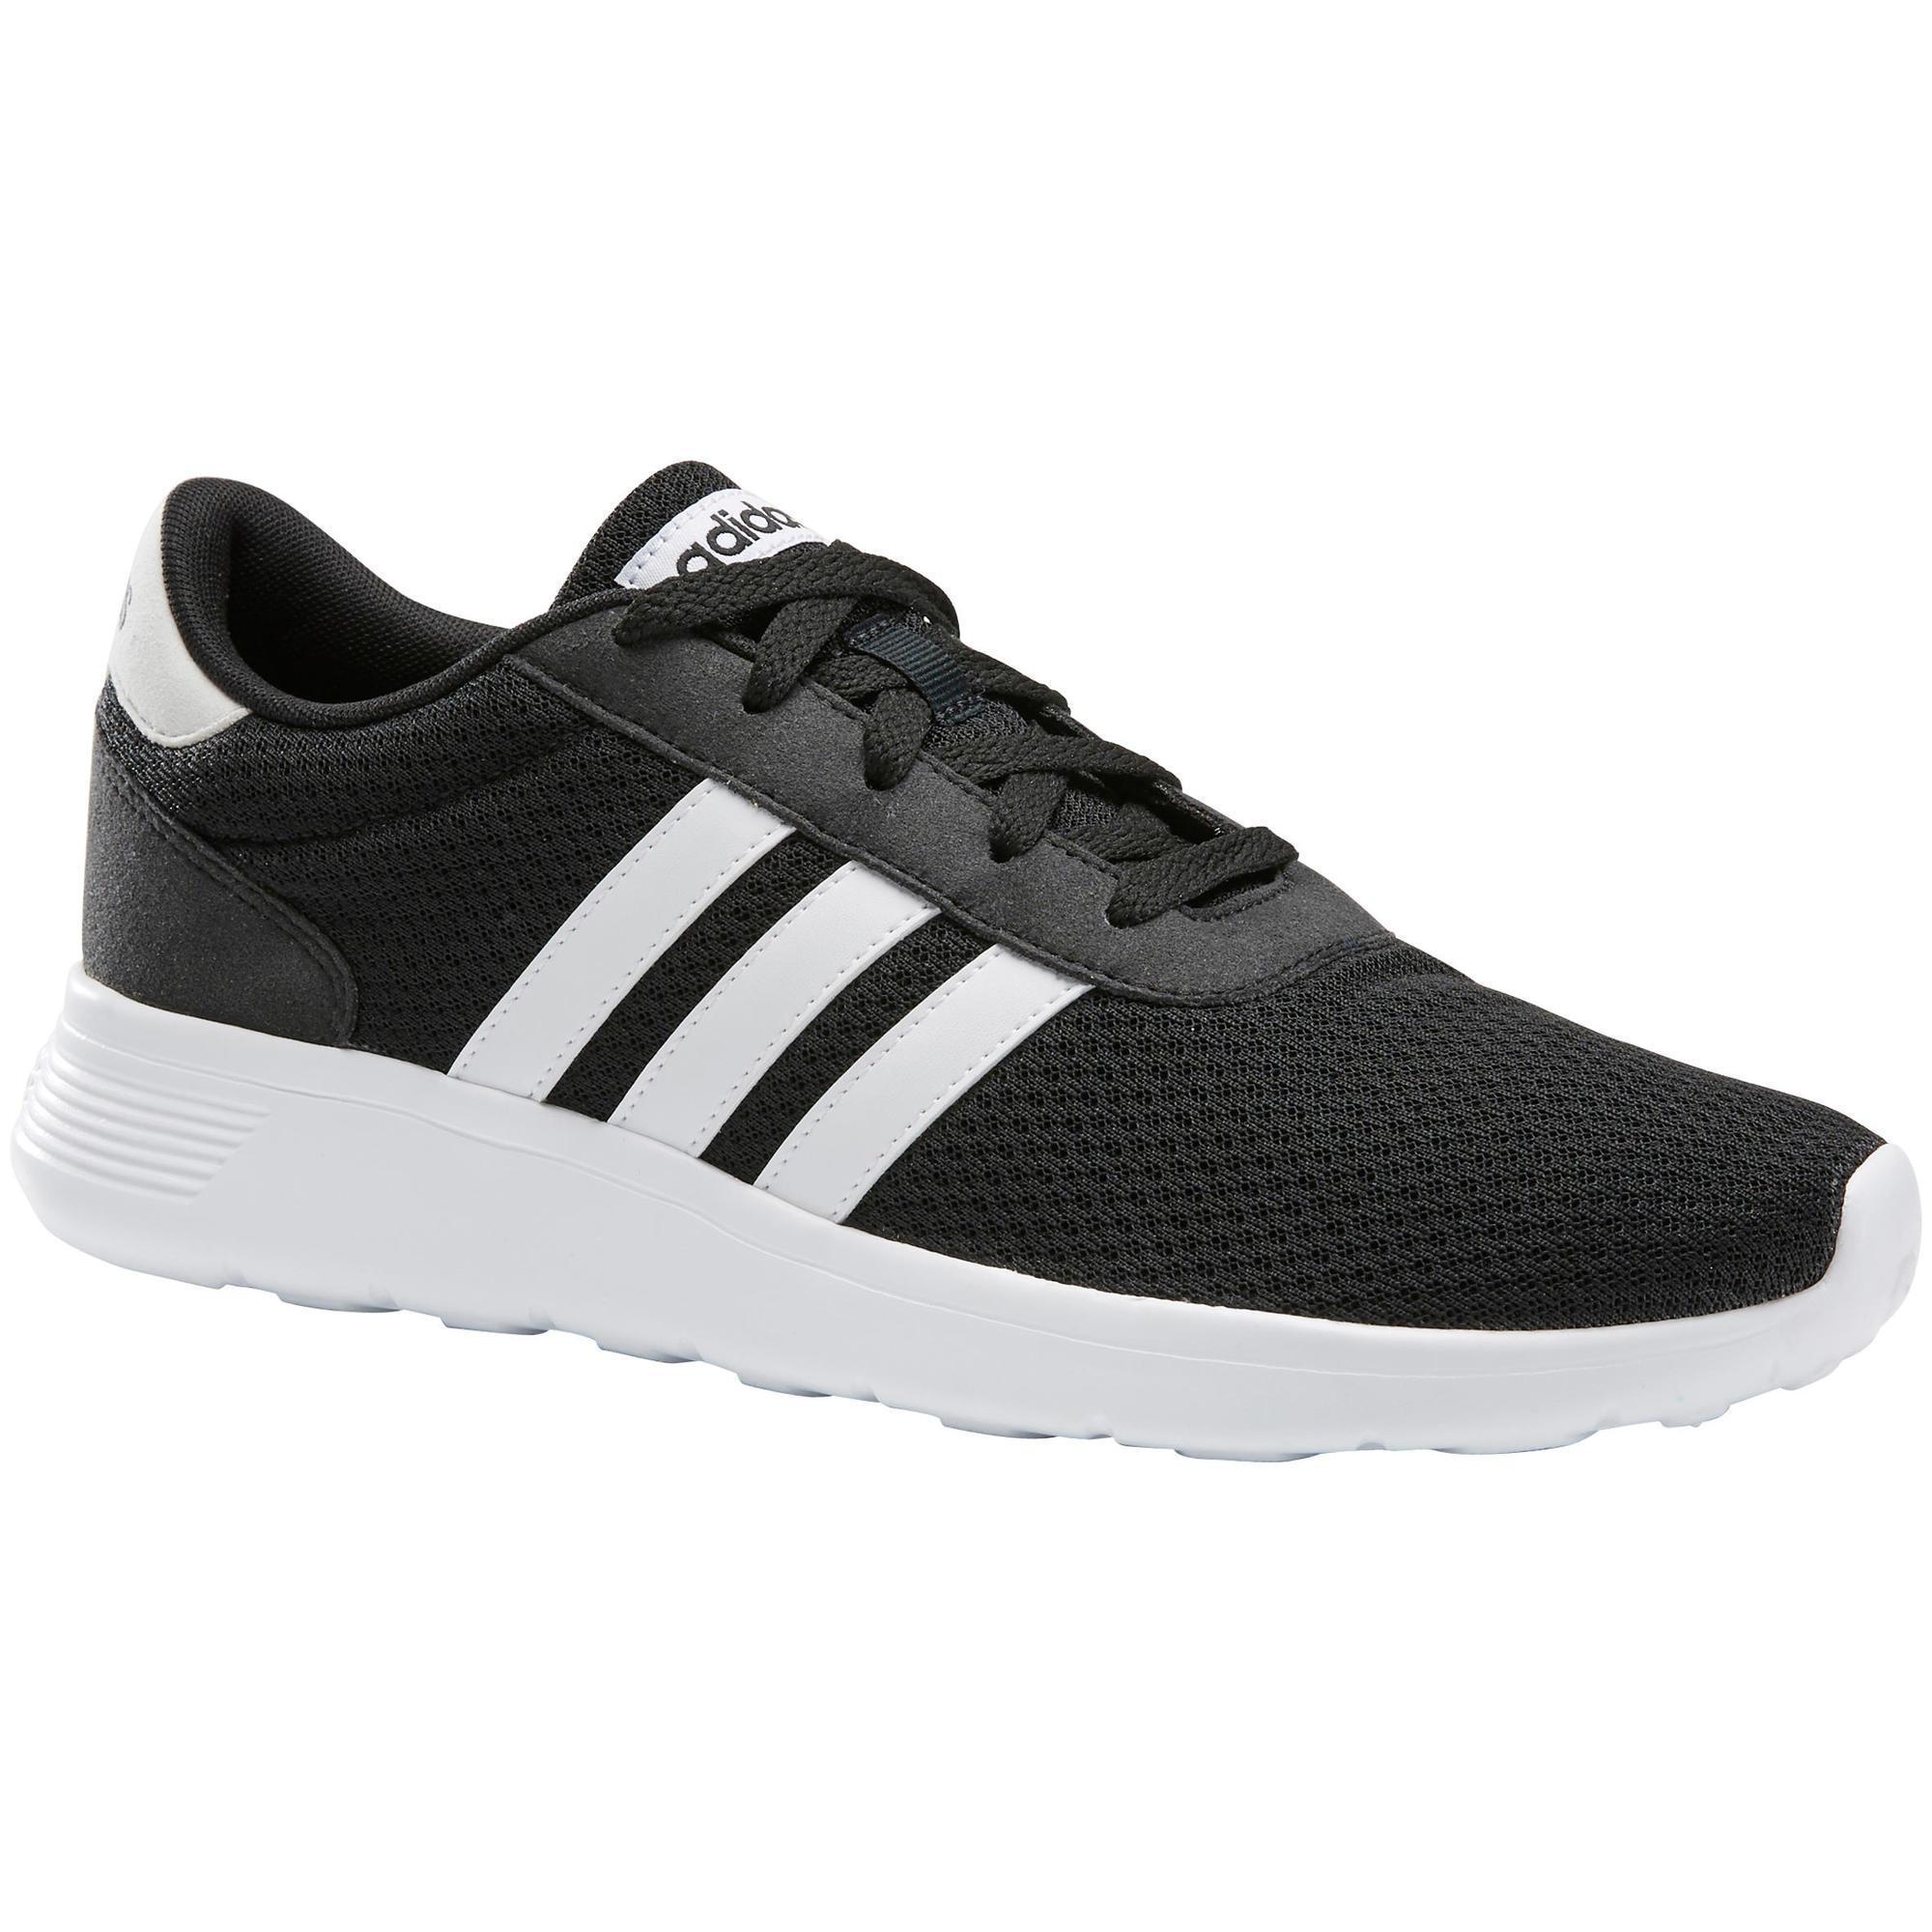 8033f237383e4 Adidas